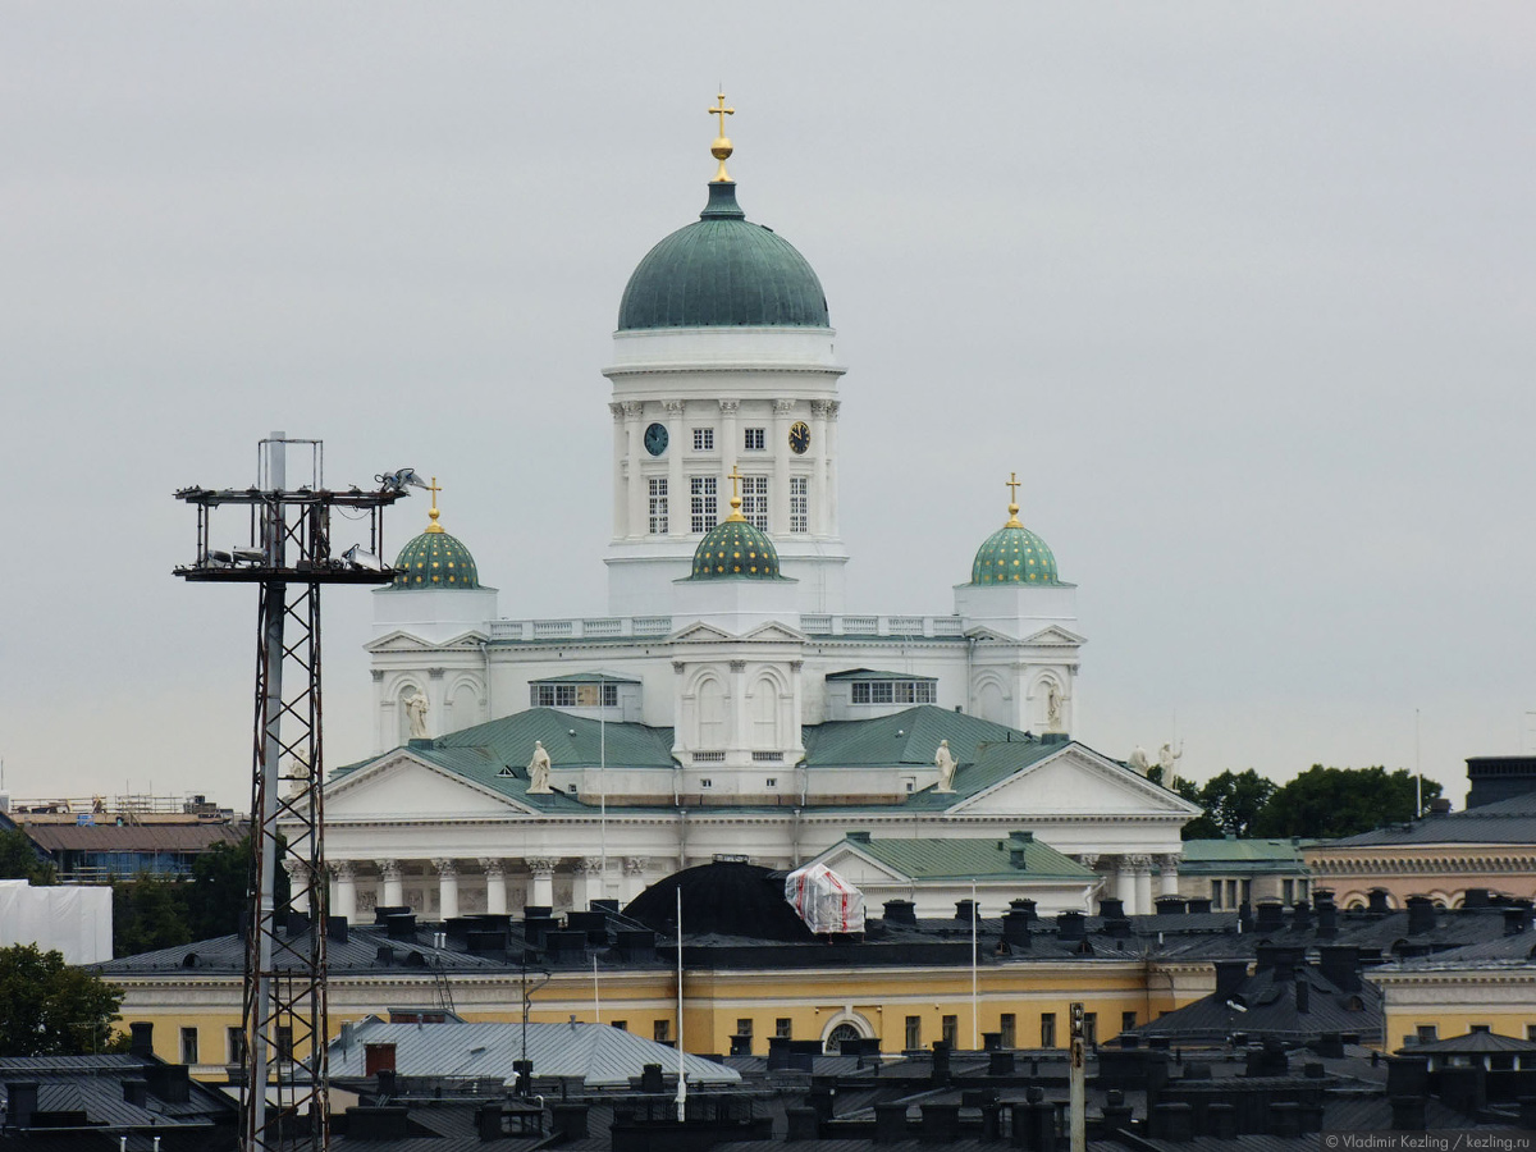 Балтийские берега. Хельсинки. Взгляды с воды